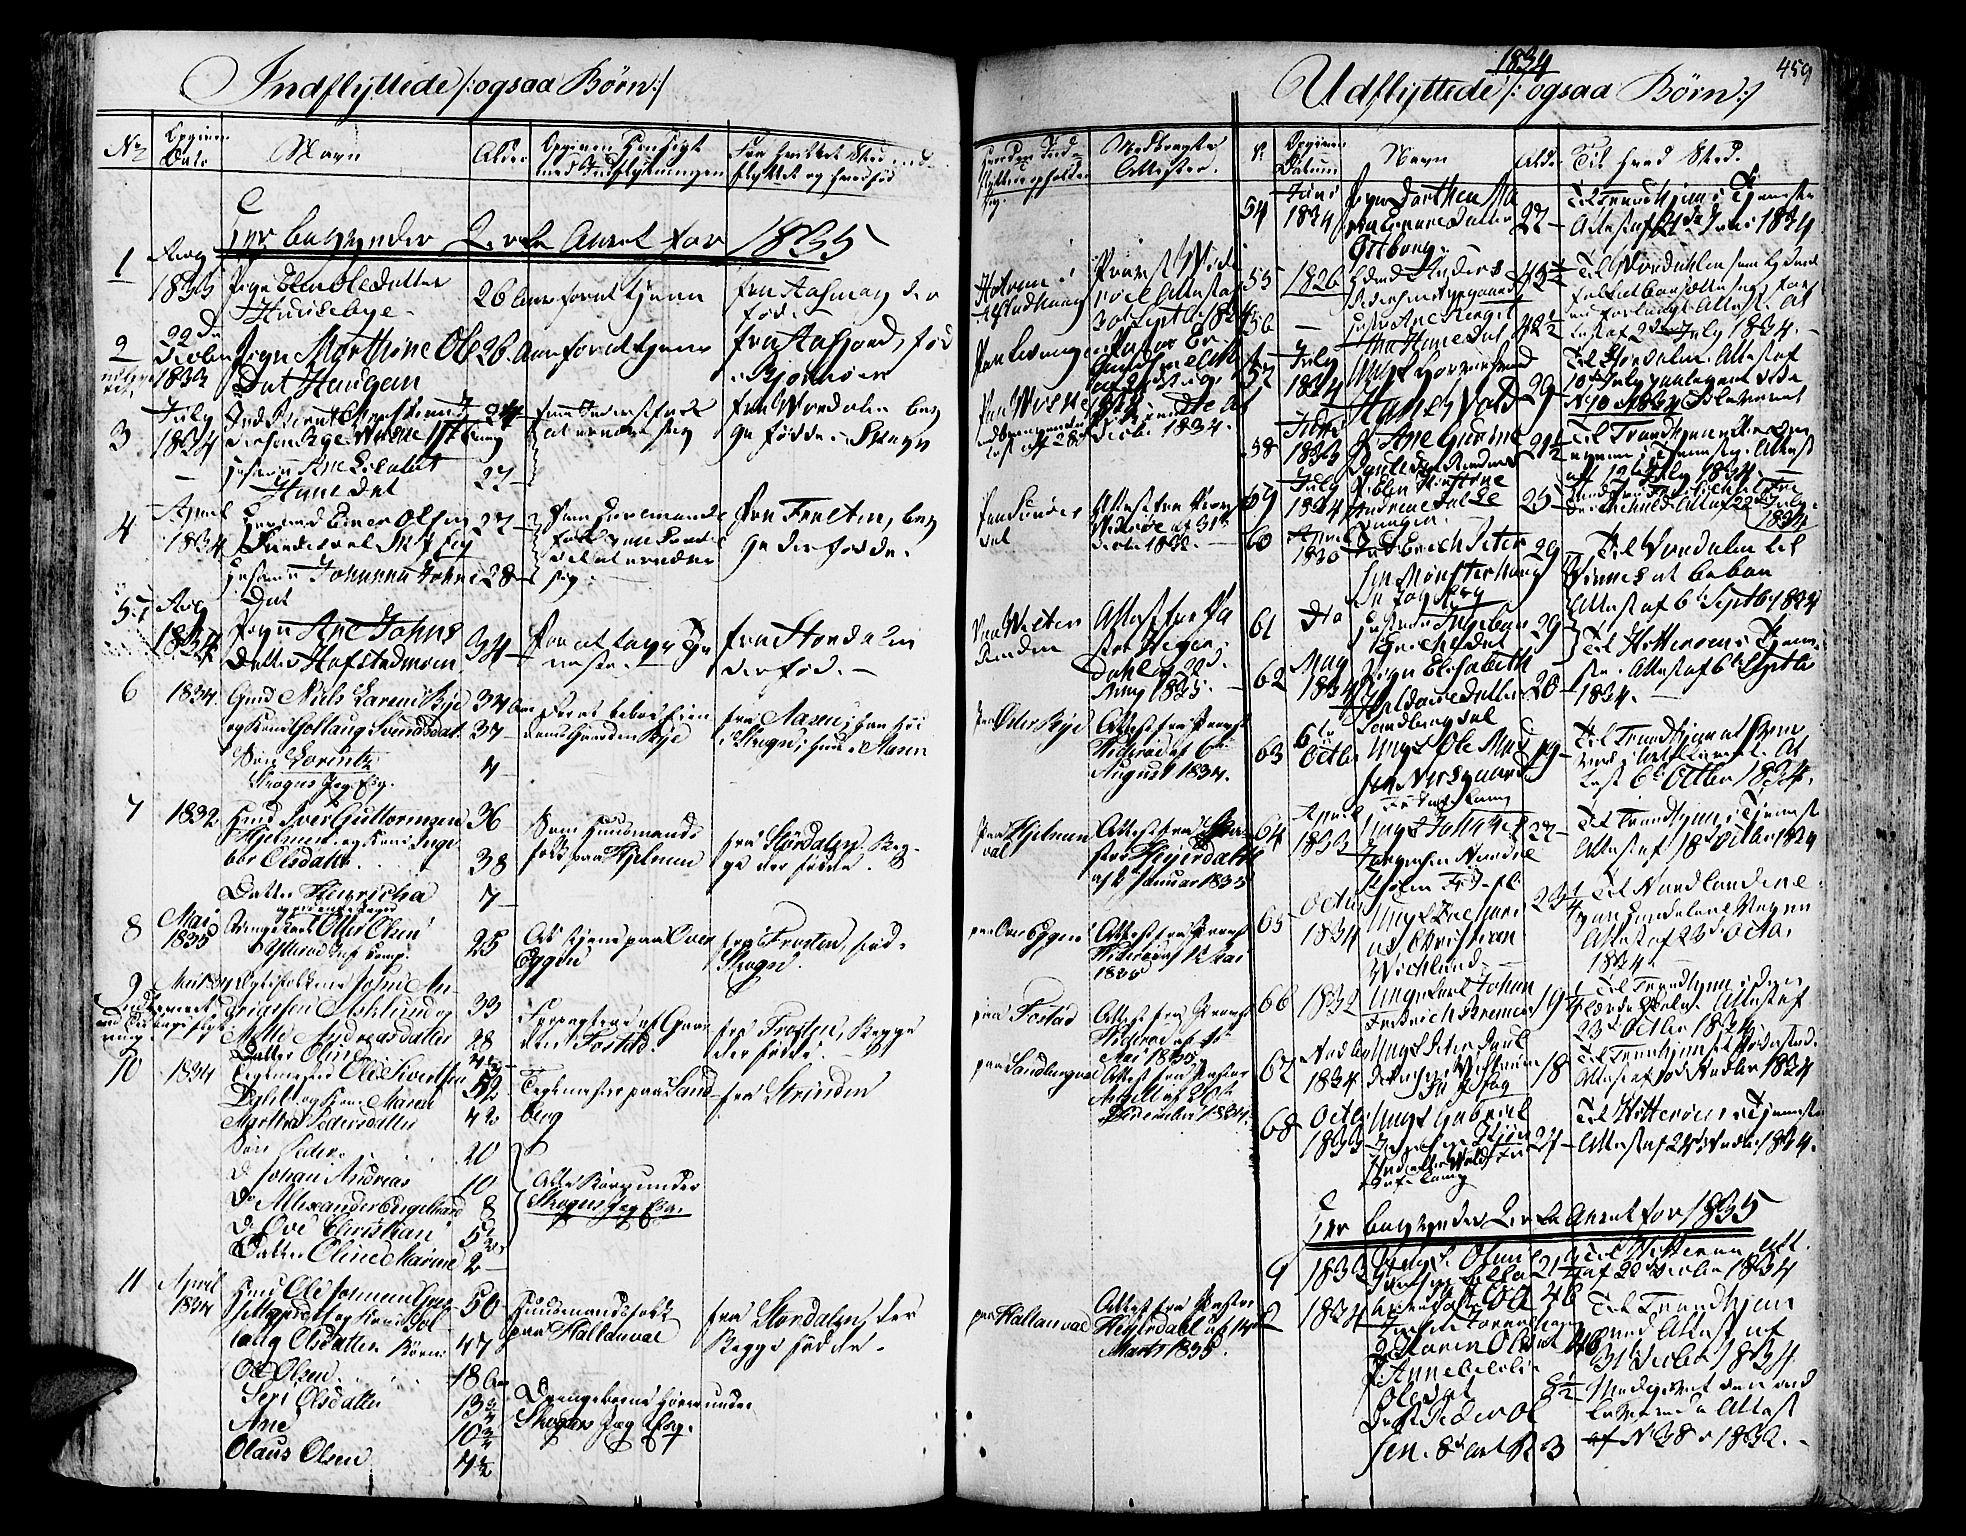 SAT, Ministerialprotokoller, klokkerbøker og fødselsregistre - Nord-Trøndelag, 717/L0152: Ministerialbok nr. 717A05 /1, 1825-1836, s. 459